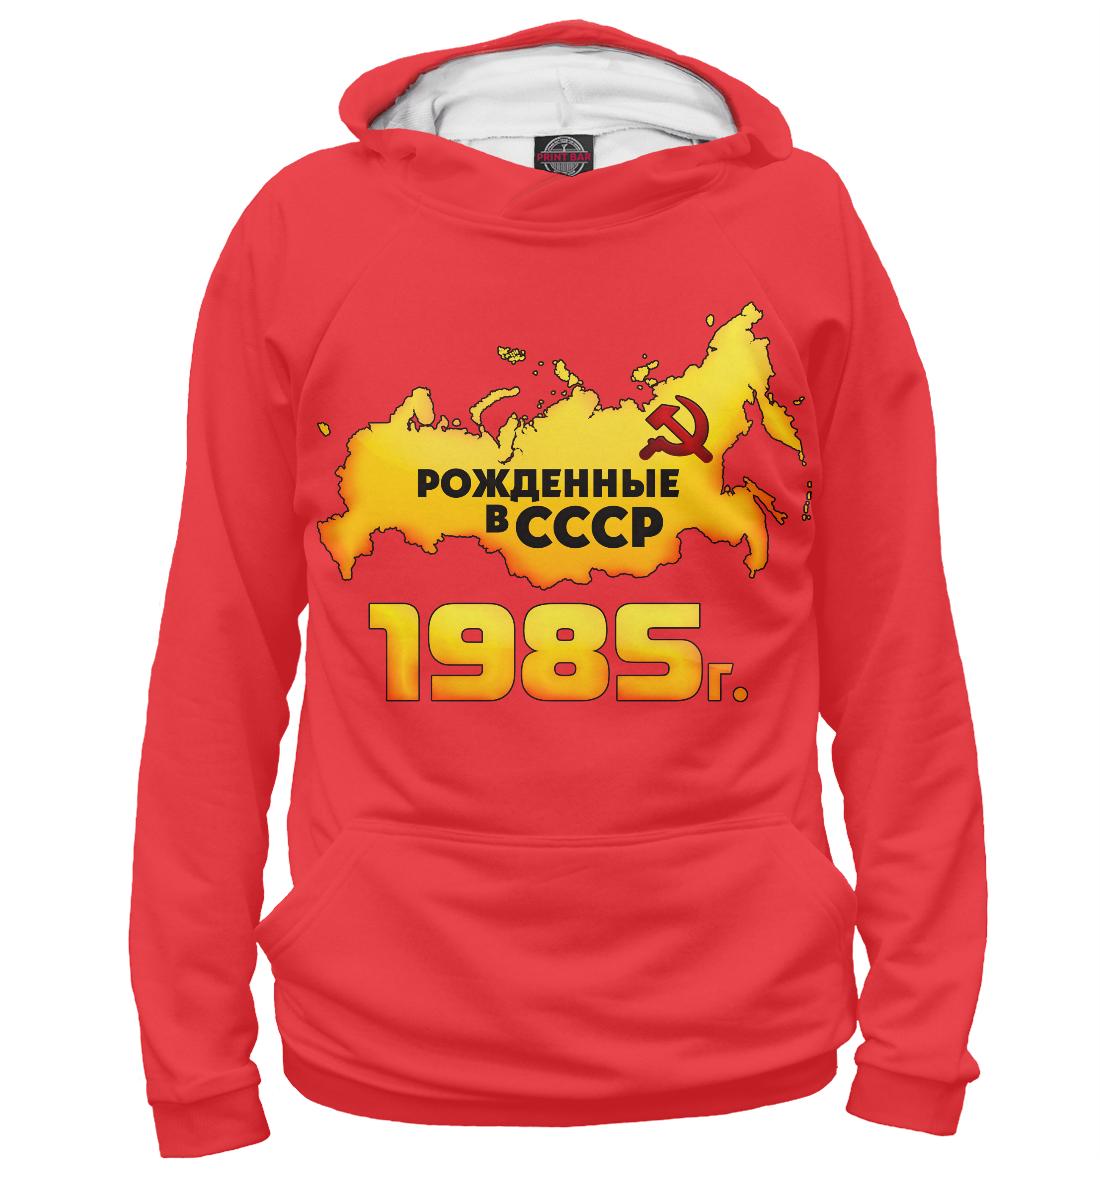 Купить Рожденные в СССР 1985, Printbar, Худи, DVP-213008-hud-1